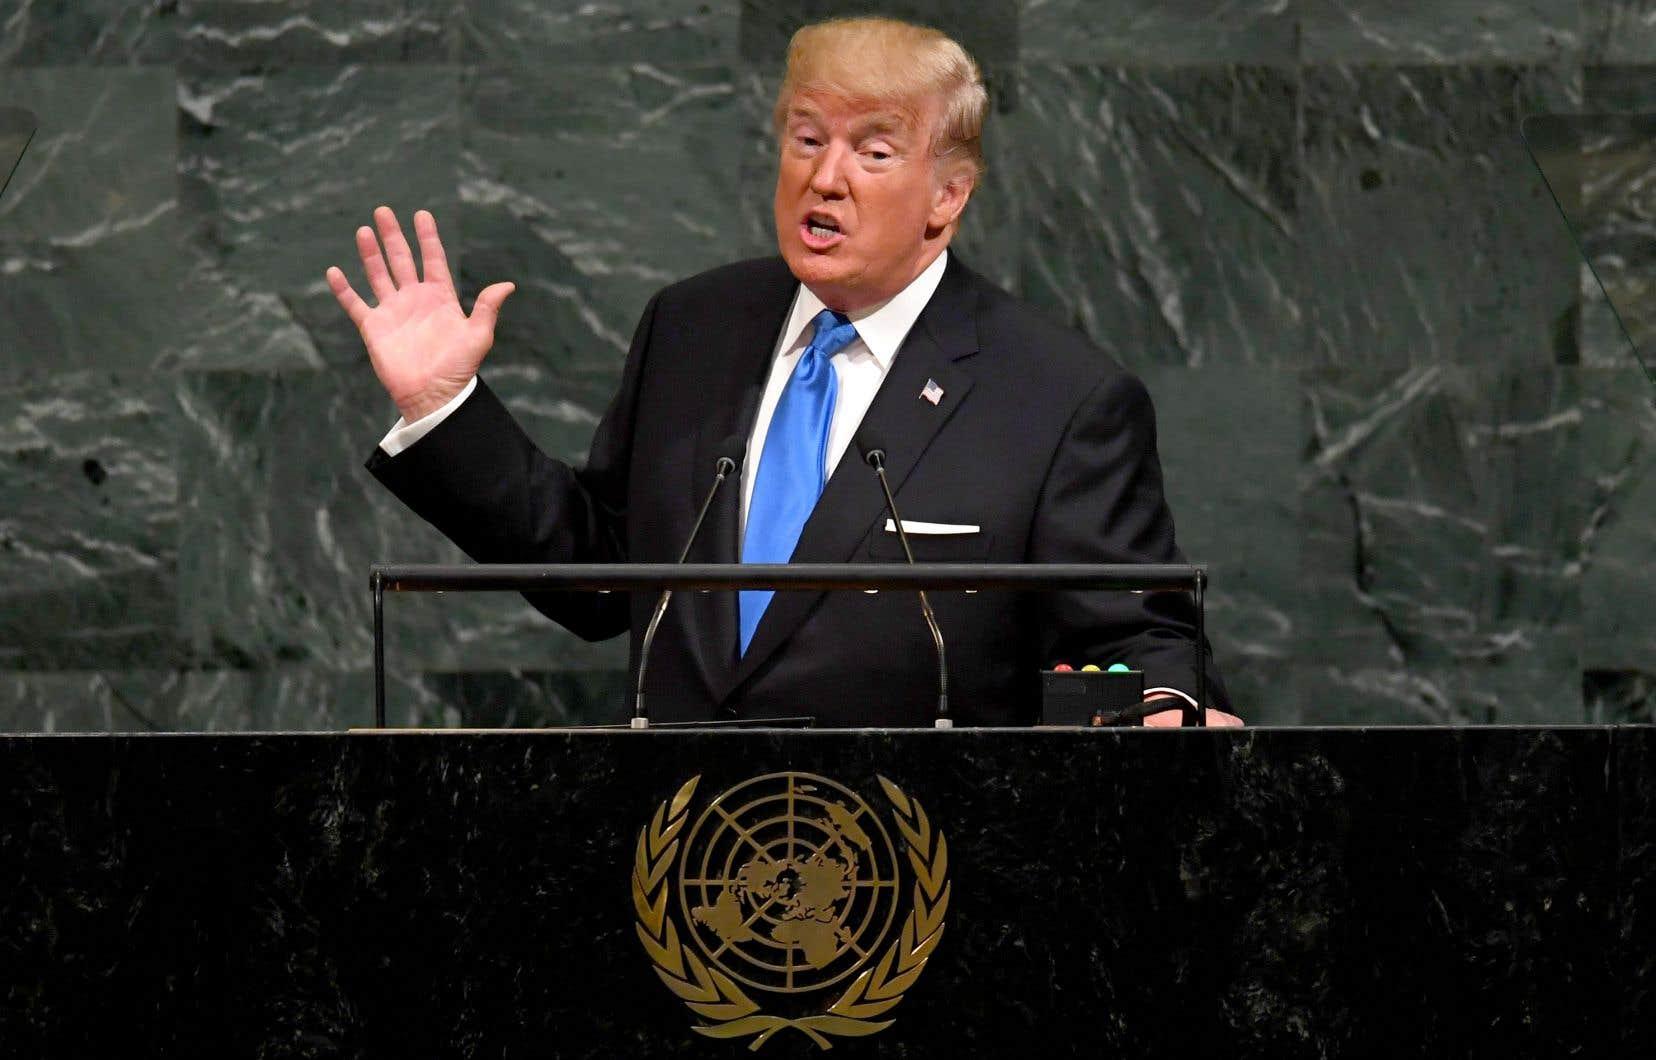 Le président Donald Trump s'était adressé à la 72e Assemblée générale annuelle des Nations unies à New York, le 19 septembre 2017.